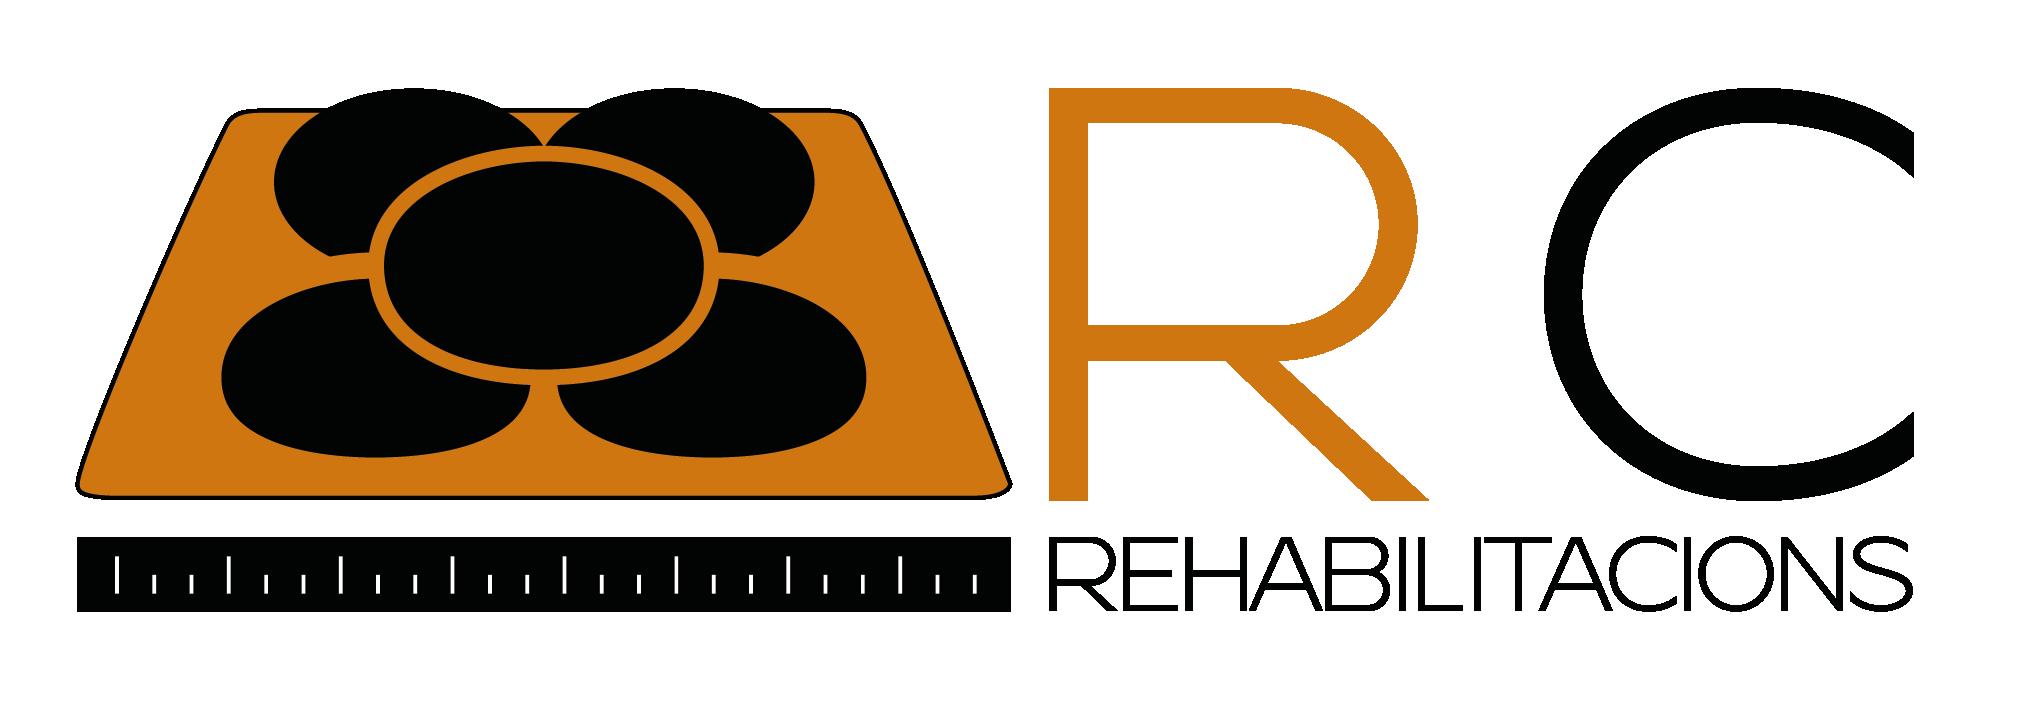 RC REHABILITACIONS